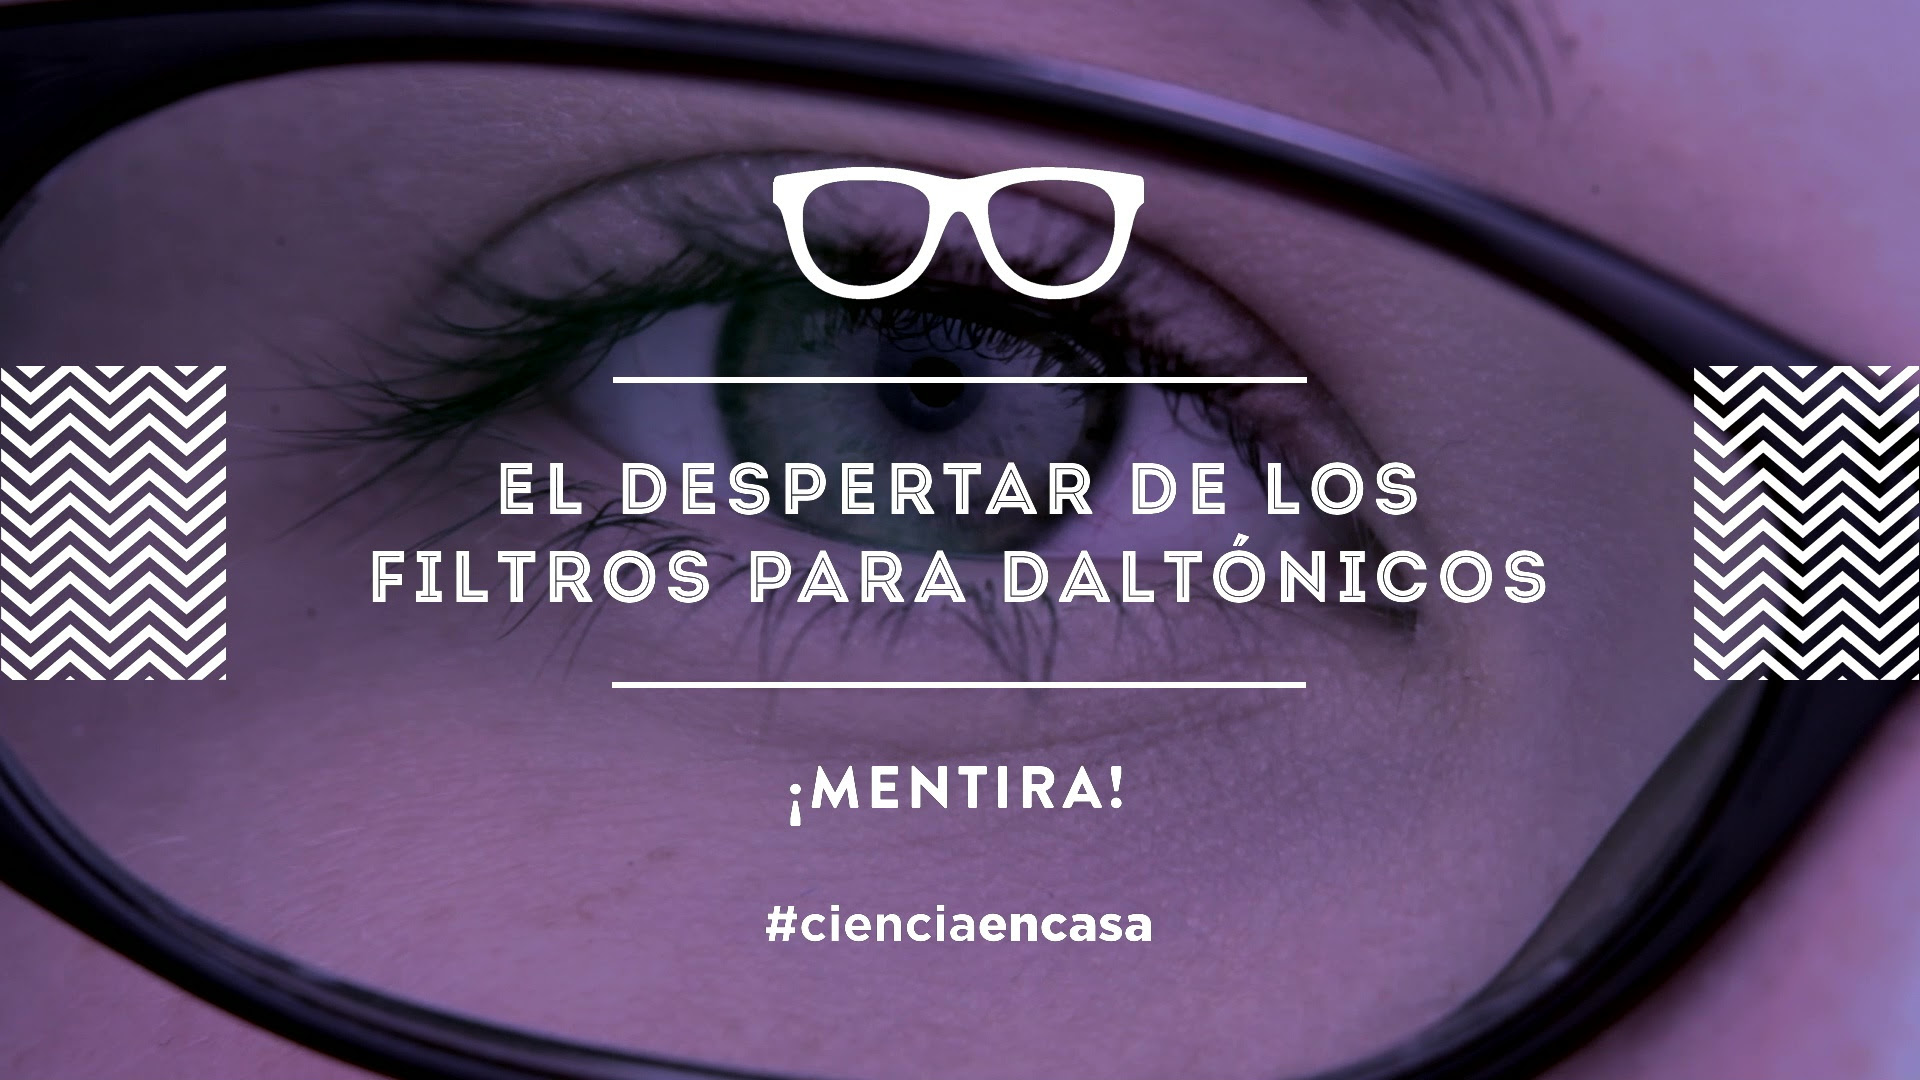 """#CienciaEnCasa: """"El despertar de los filtros para daltónicos: ¡mentira!"""", por Javier Hernández"""